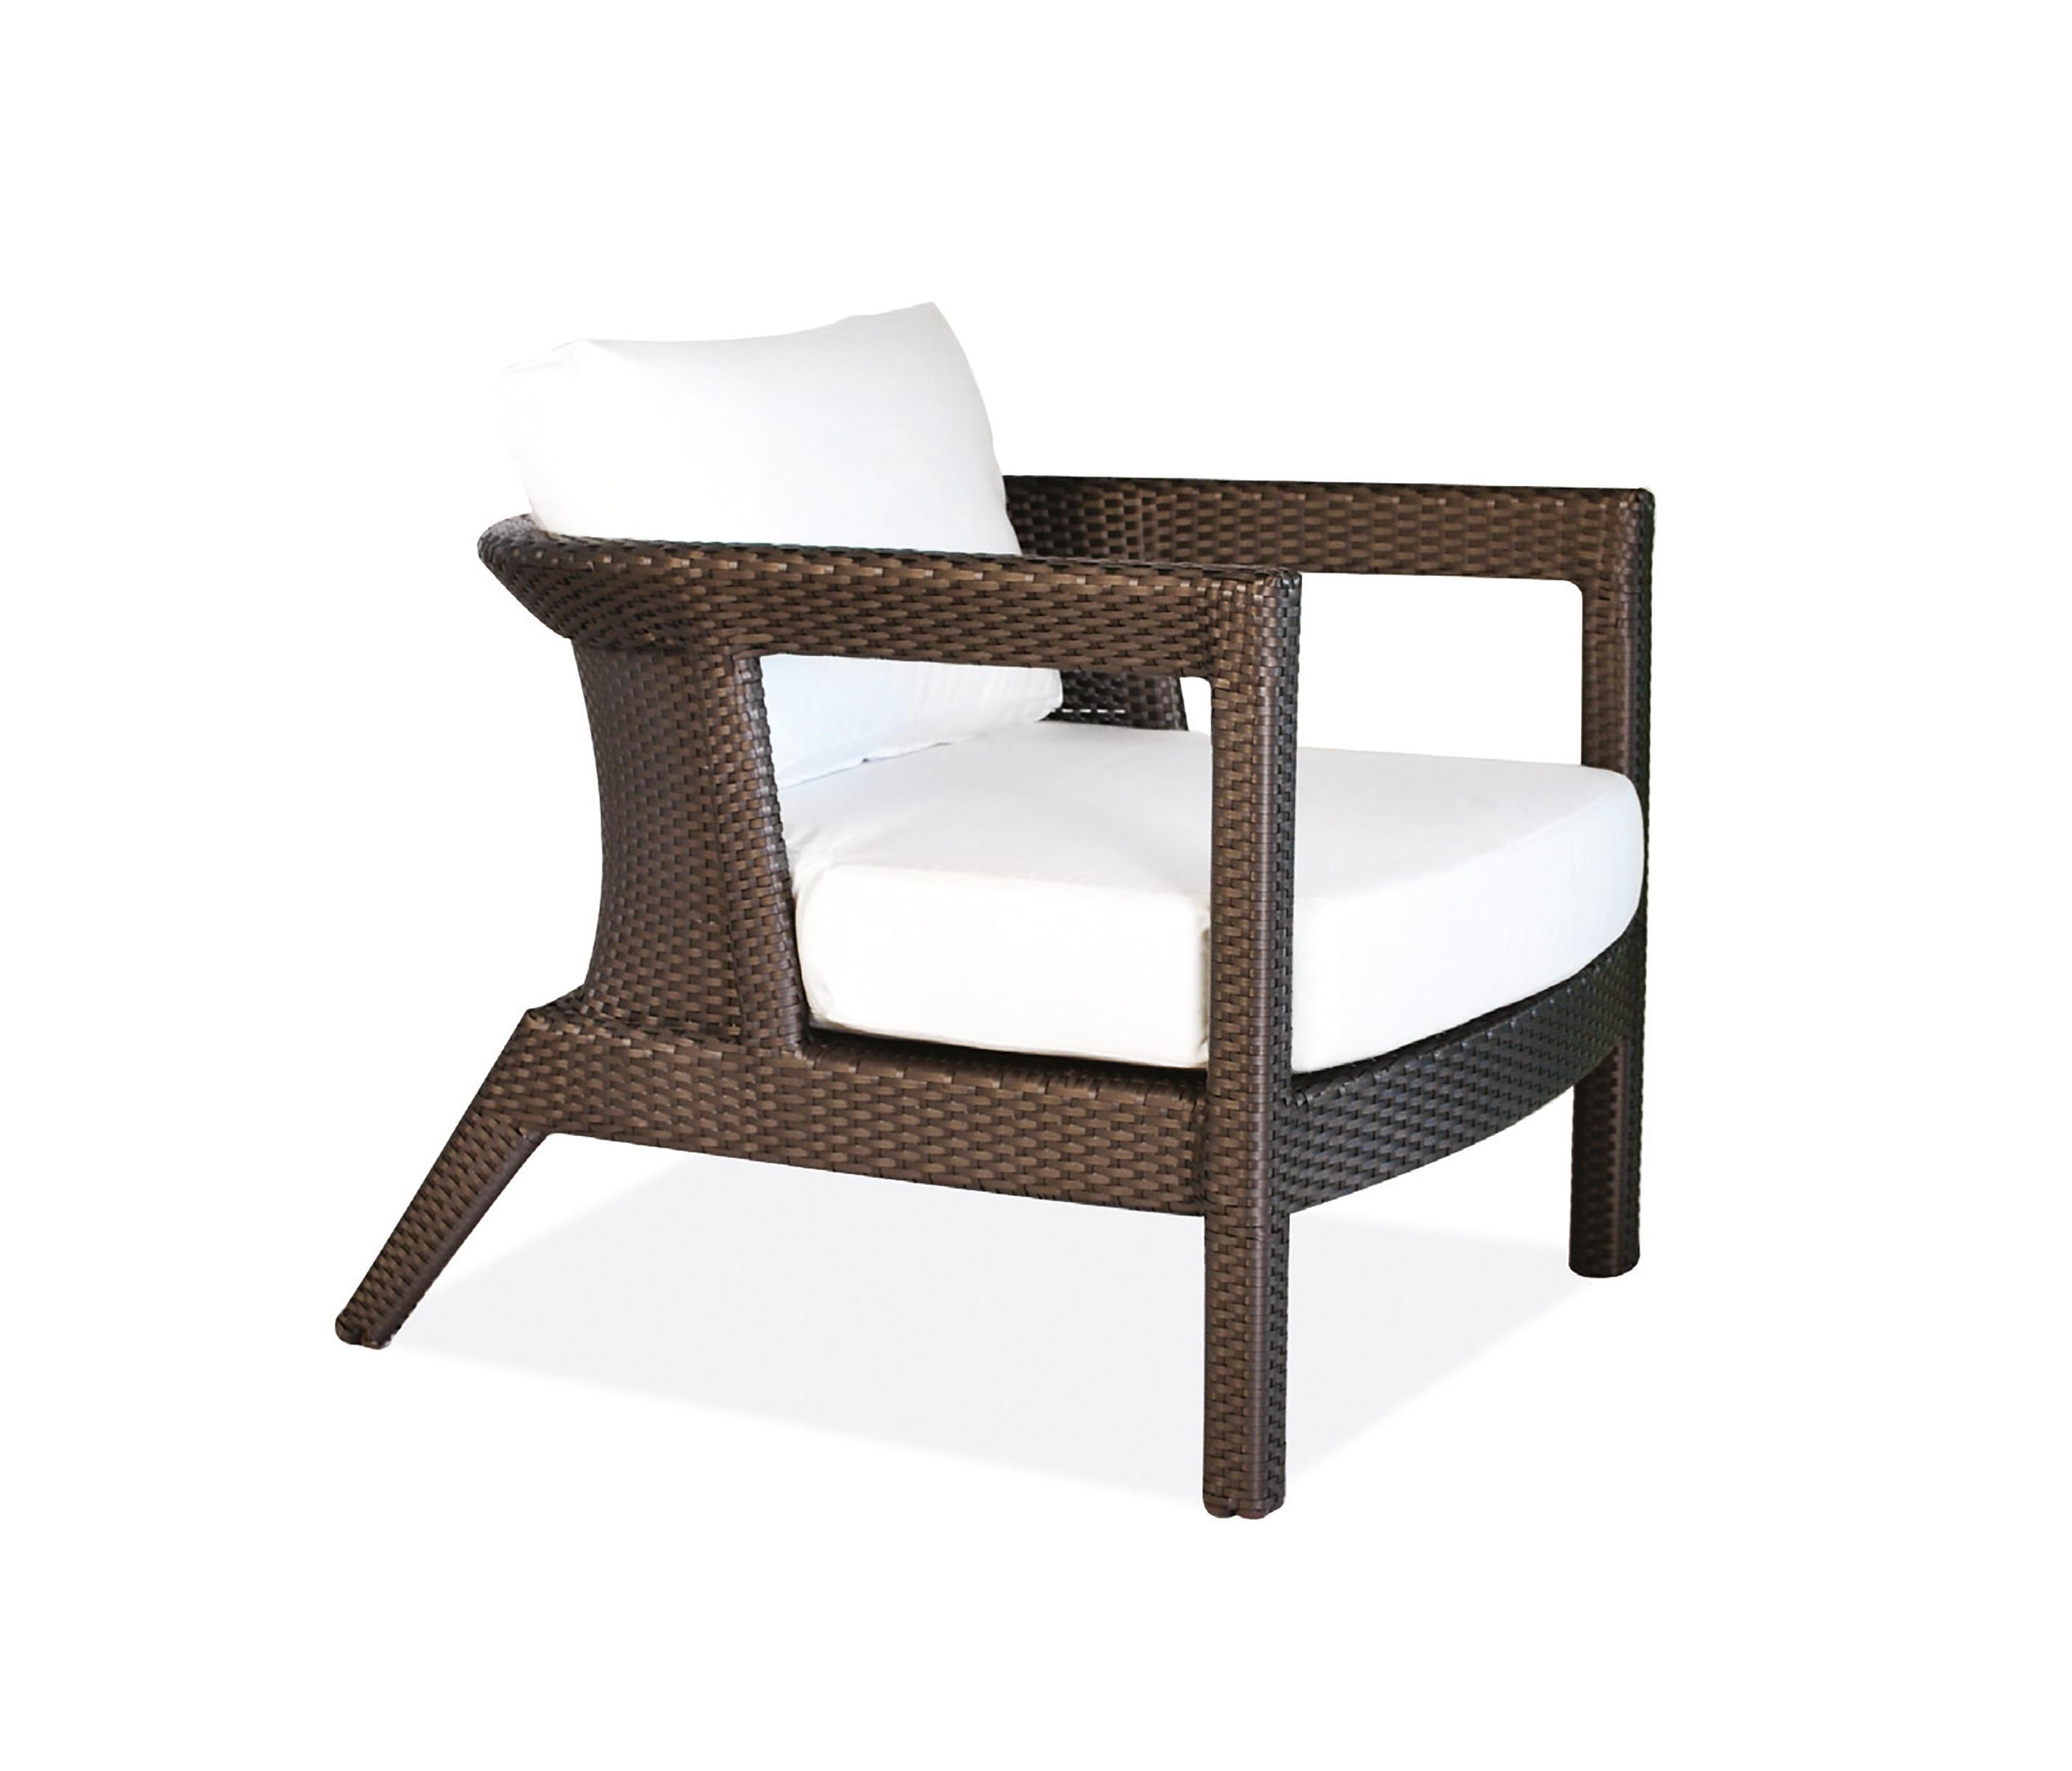 South Beach Armchair By Kannoa   Armchairs